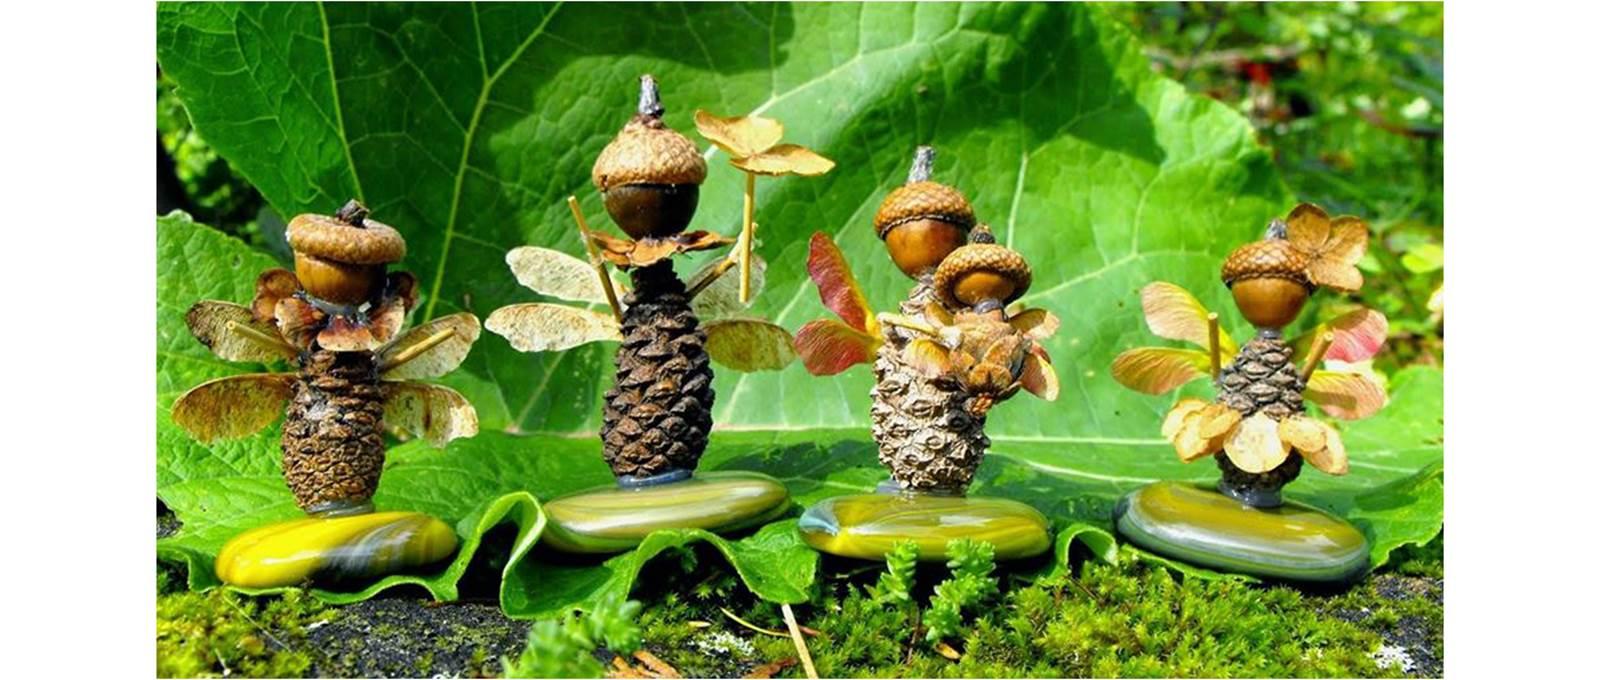 Profitez d'ateliers nature originaux